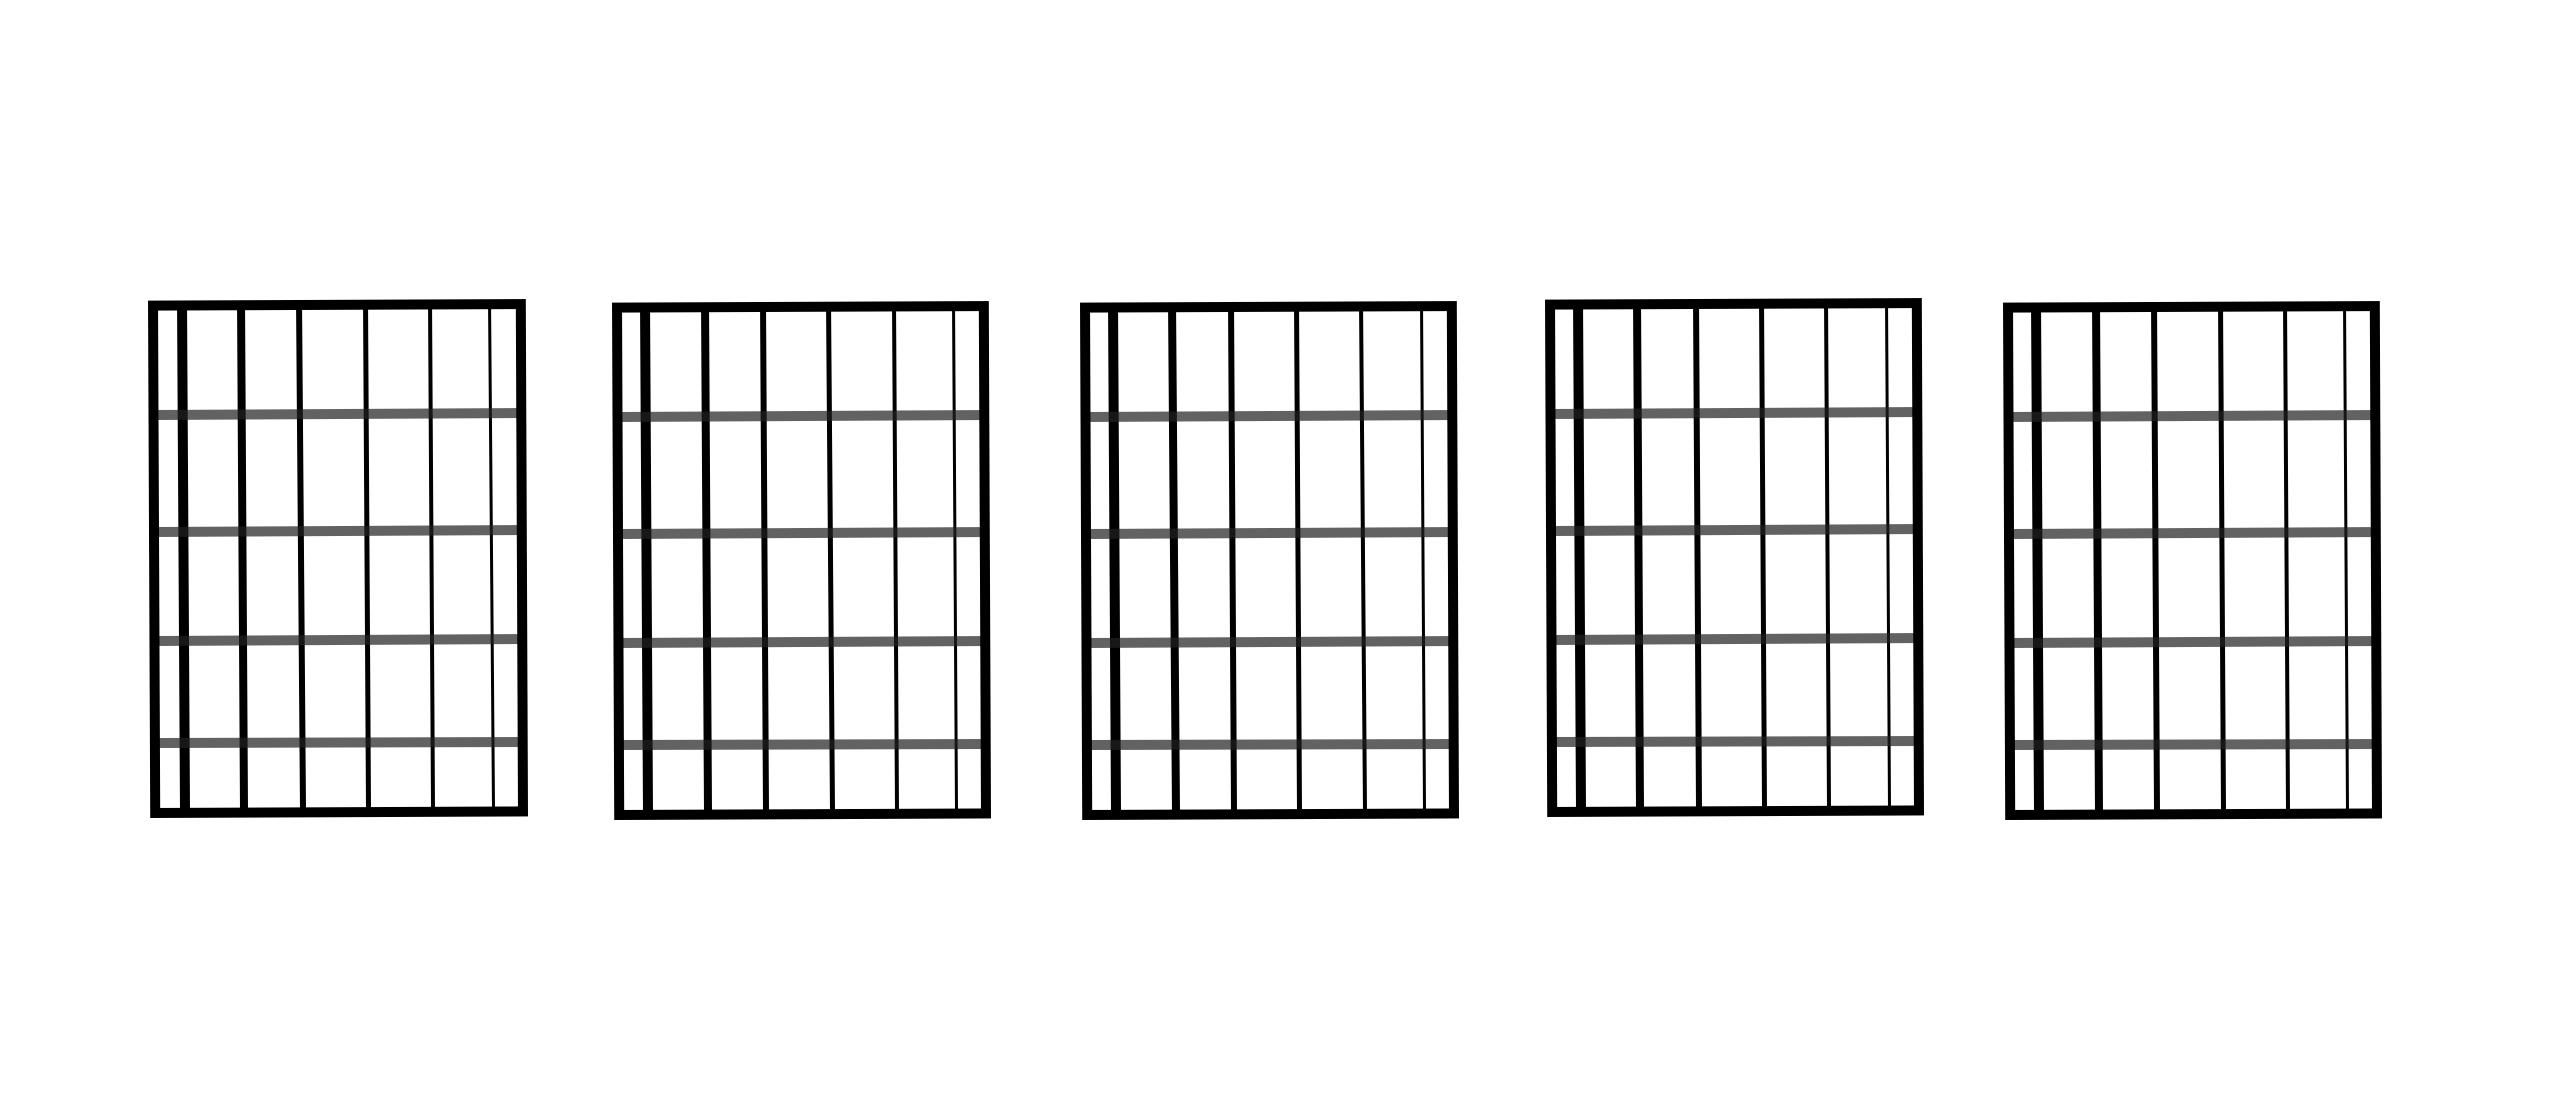 Printable Guitar Sheets Hub Guitar Hub Guitar